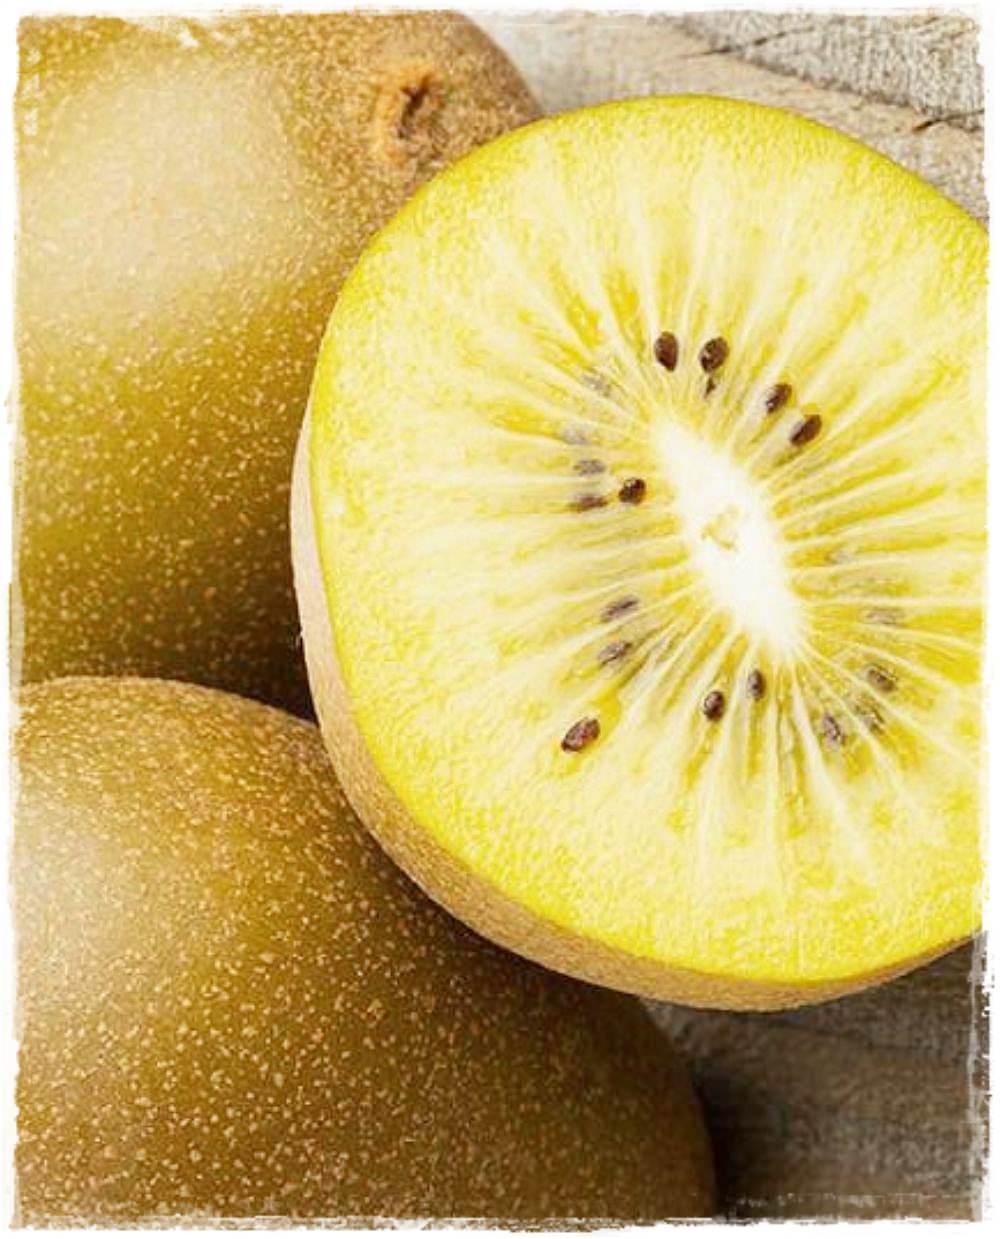 kiwi giallo golden